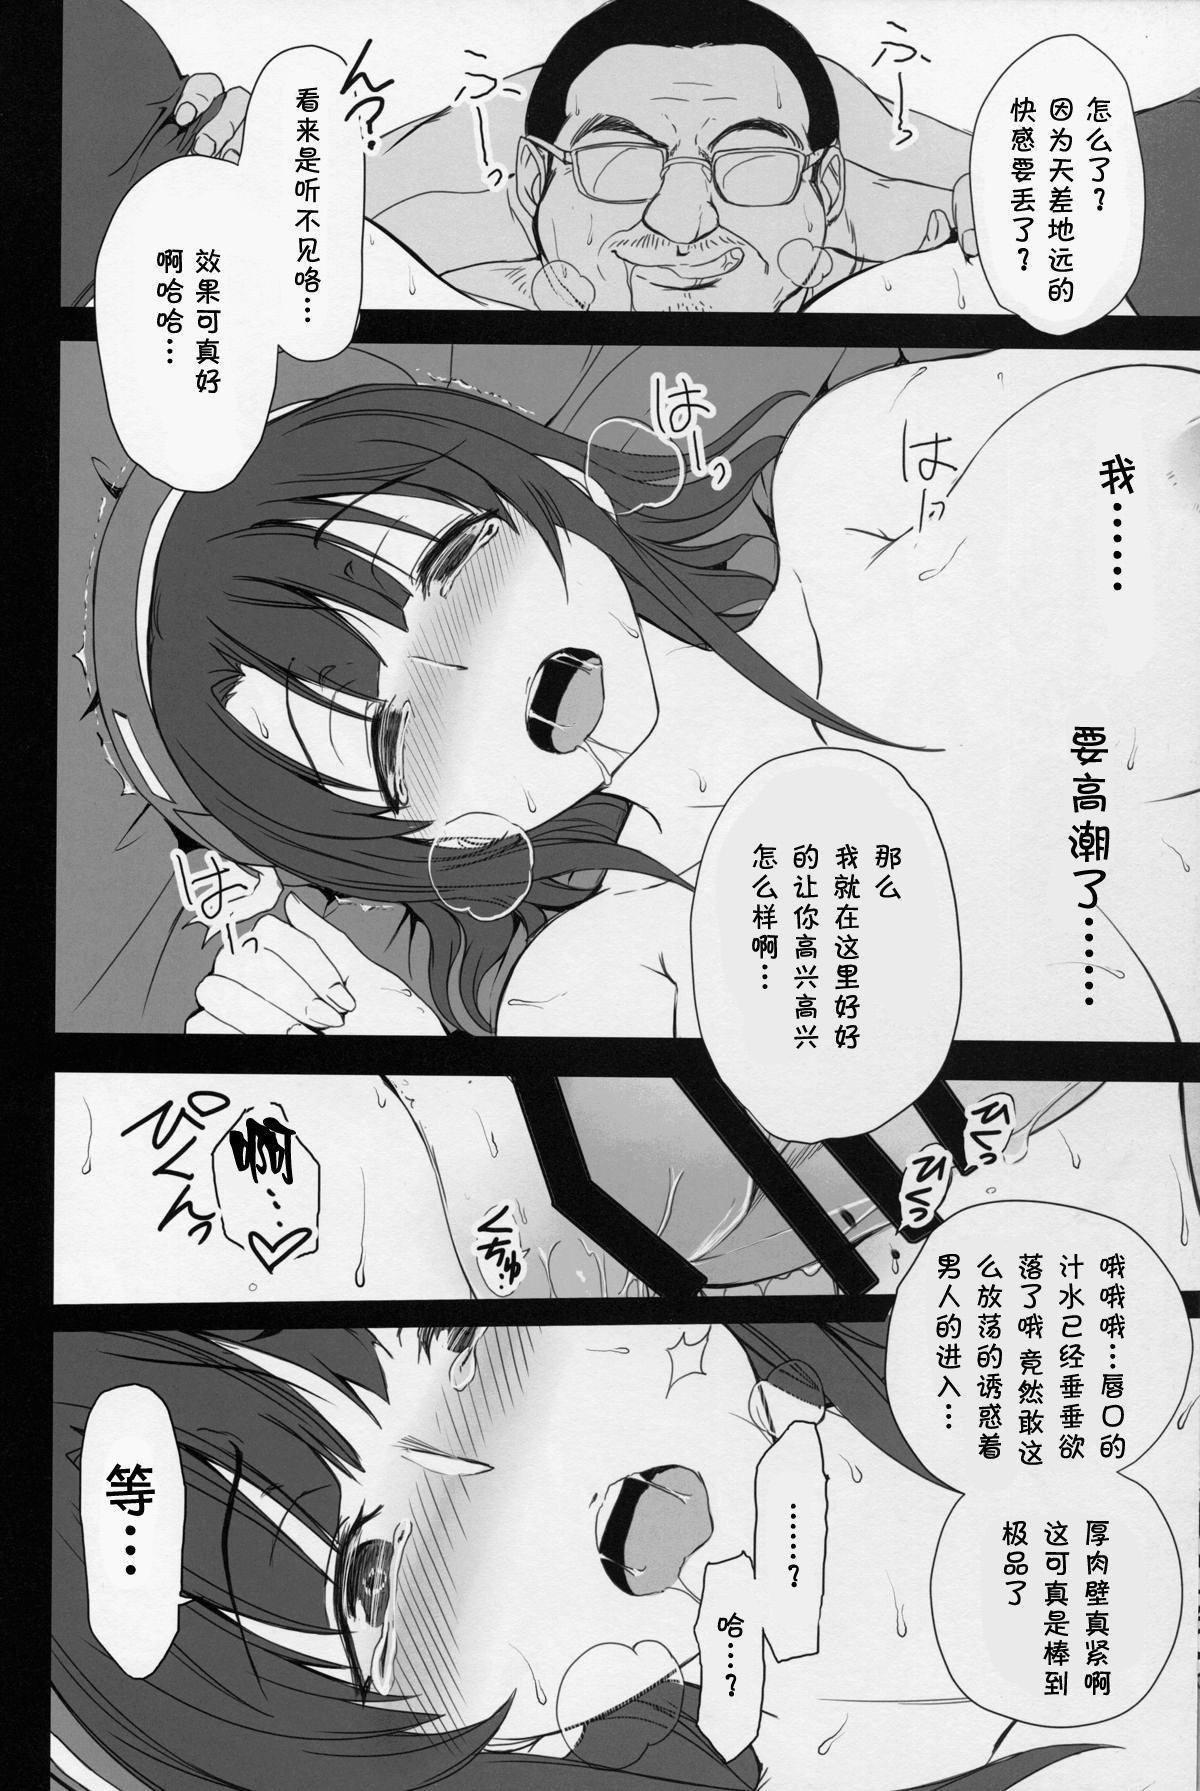 Boku no Aishita Kanmusu   My Beloved Ship Girl 24